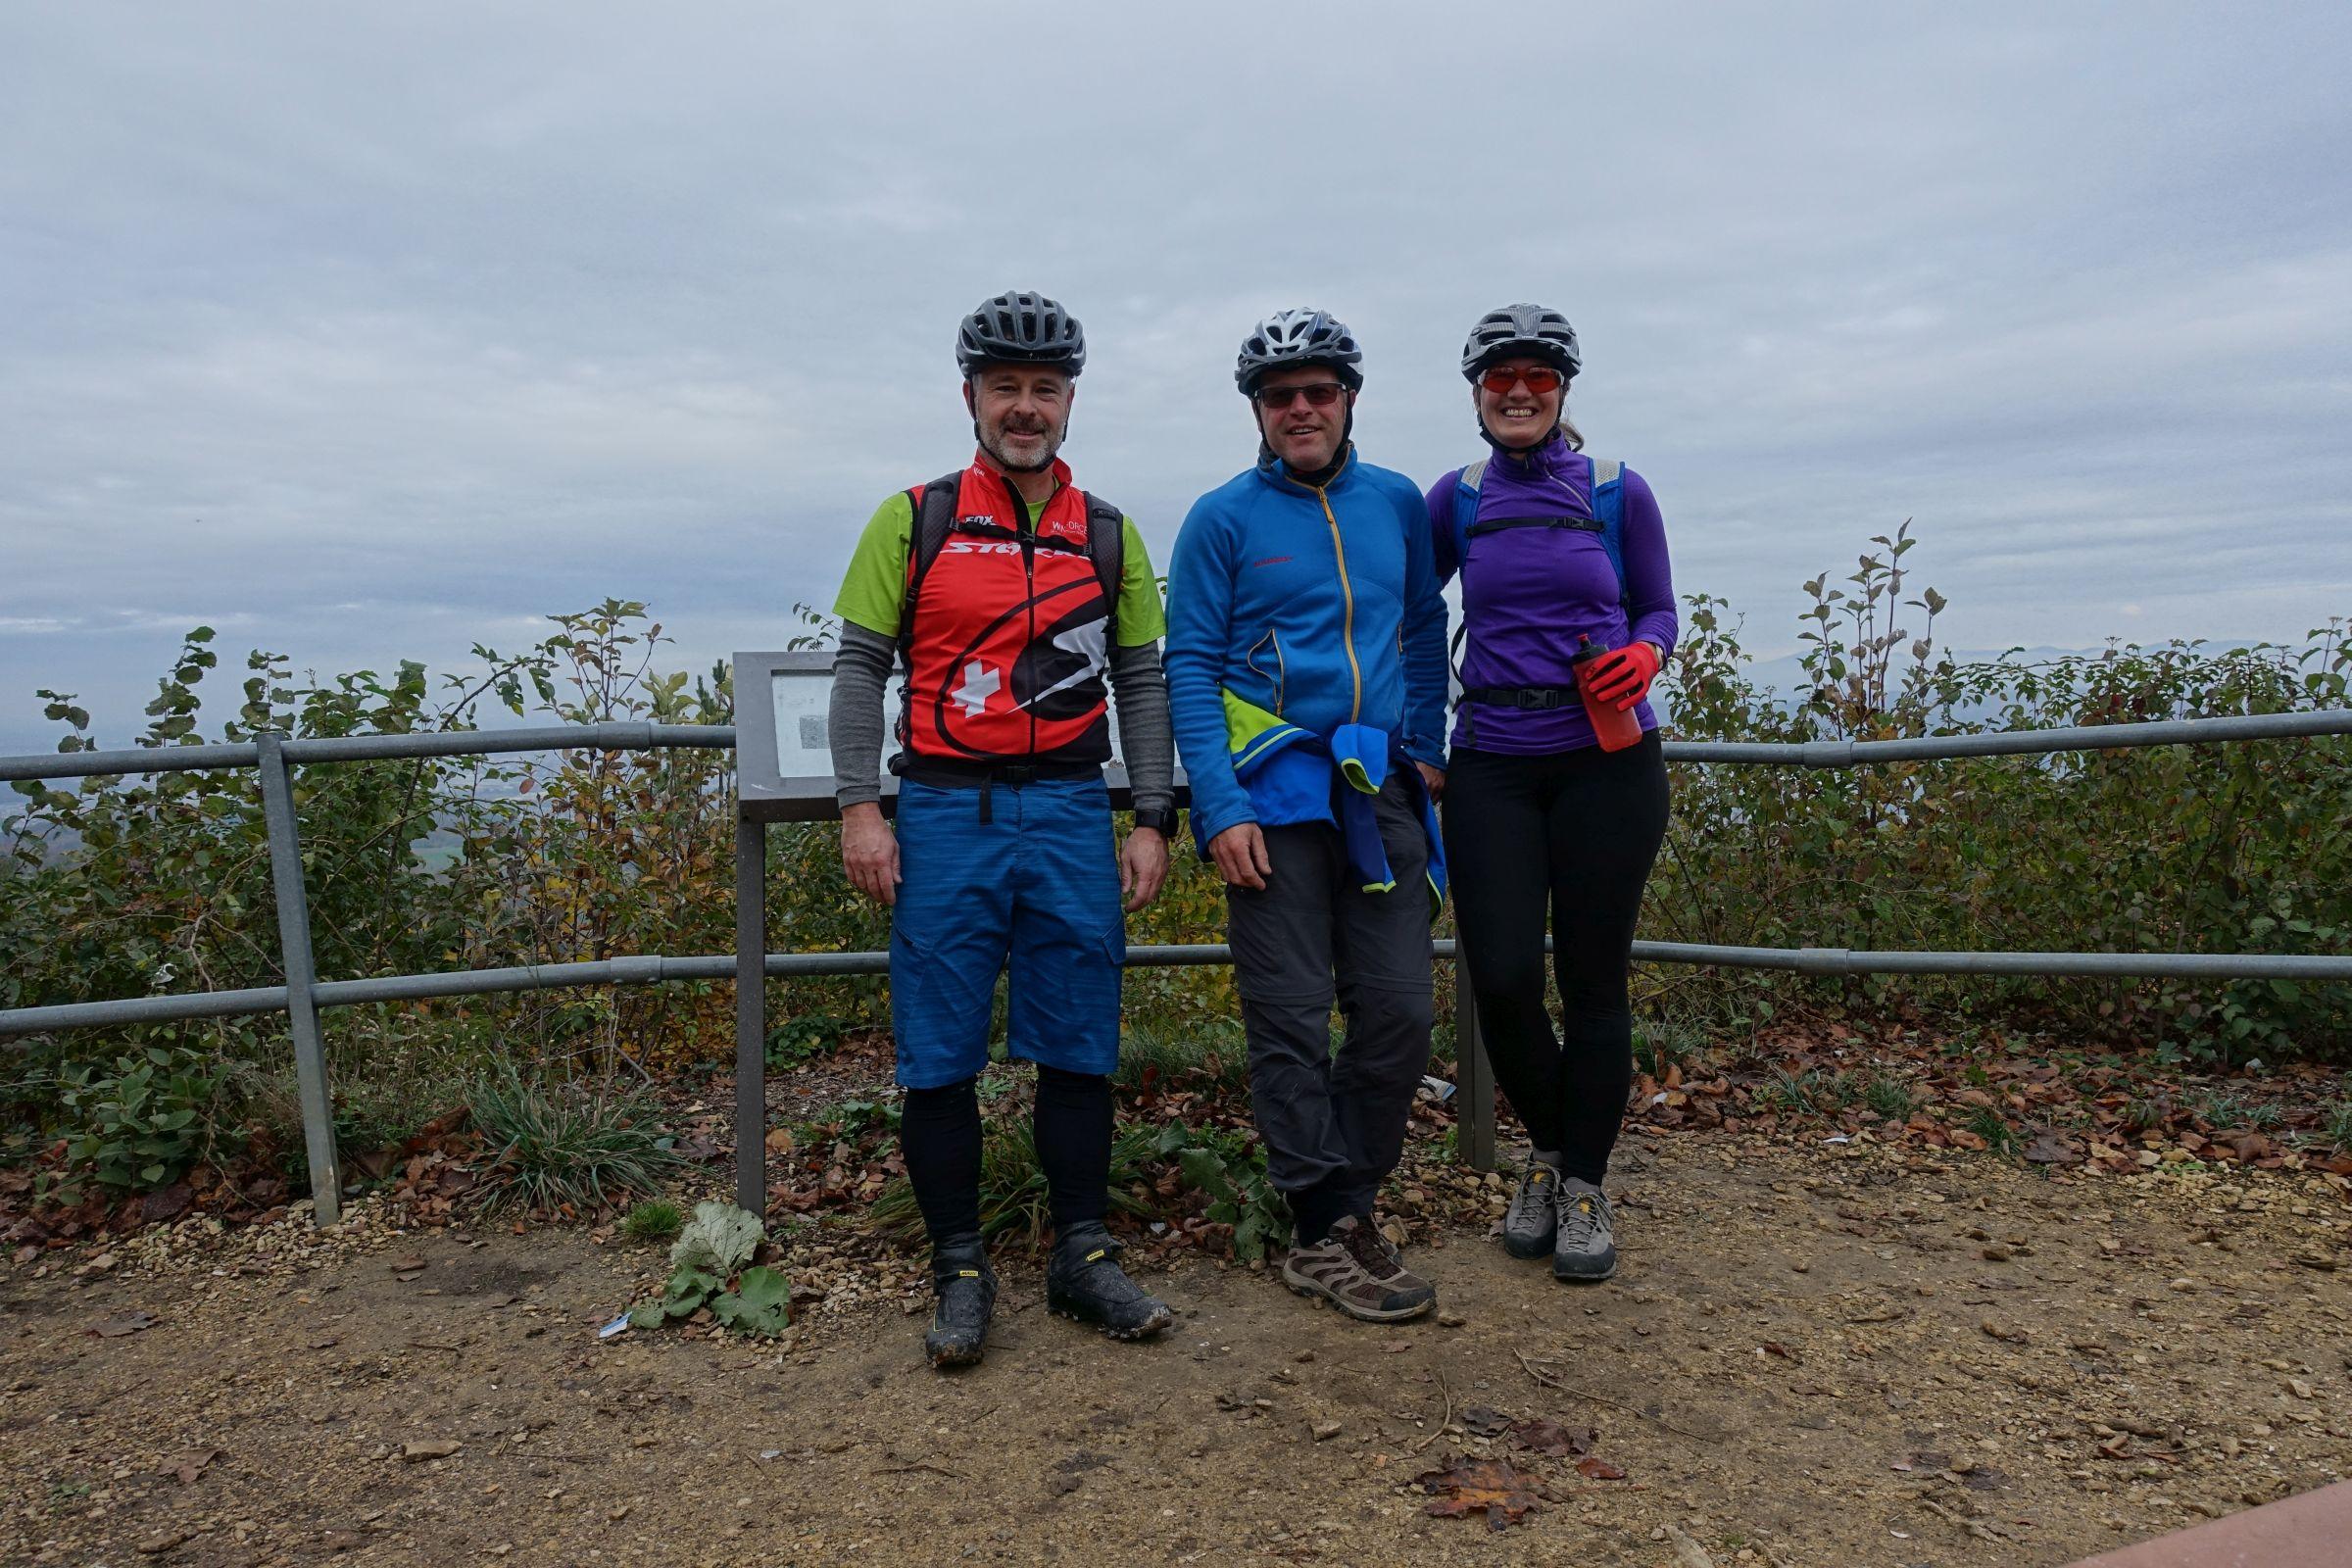 Biketour Rund um Gempen 10.11.2019